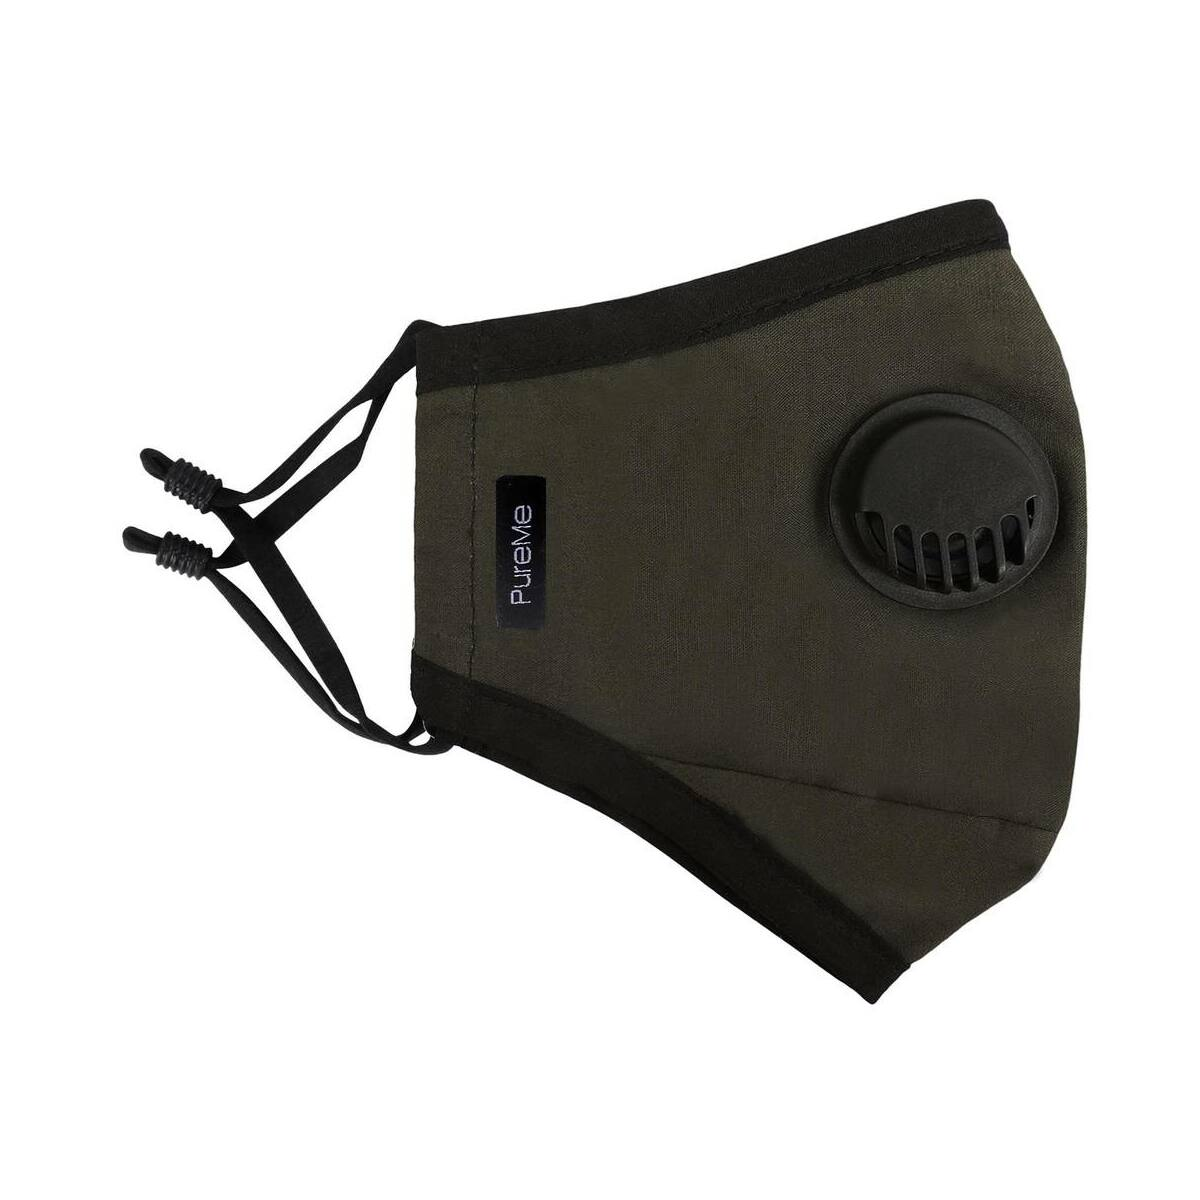 PureMe Maszk, Újrafelhasználható, Állítható füllel, Pamut, 2db N95 szűrővel a csomagban, zöld